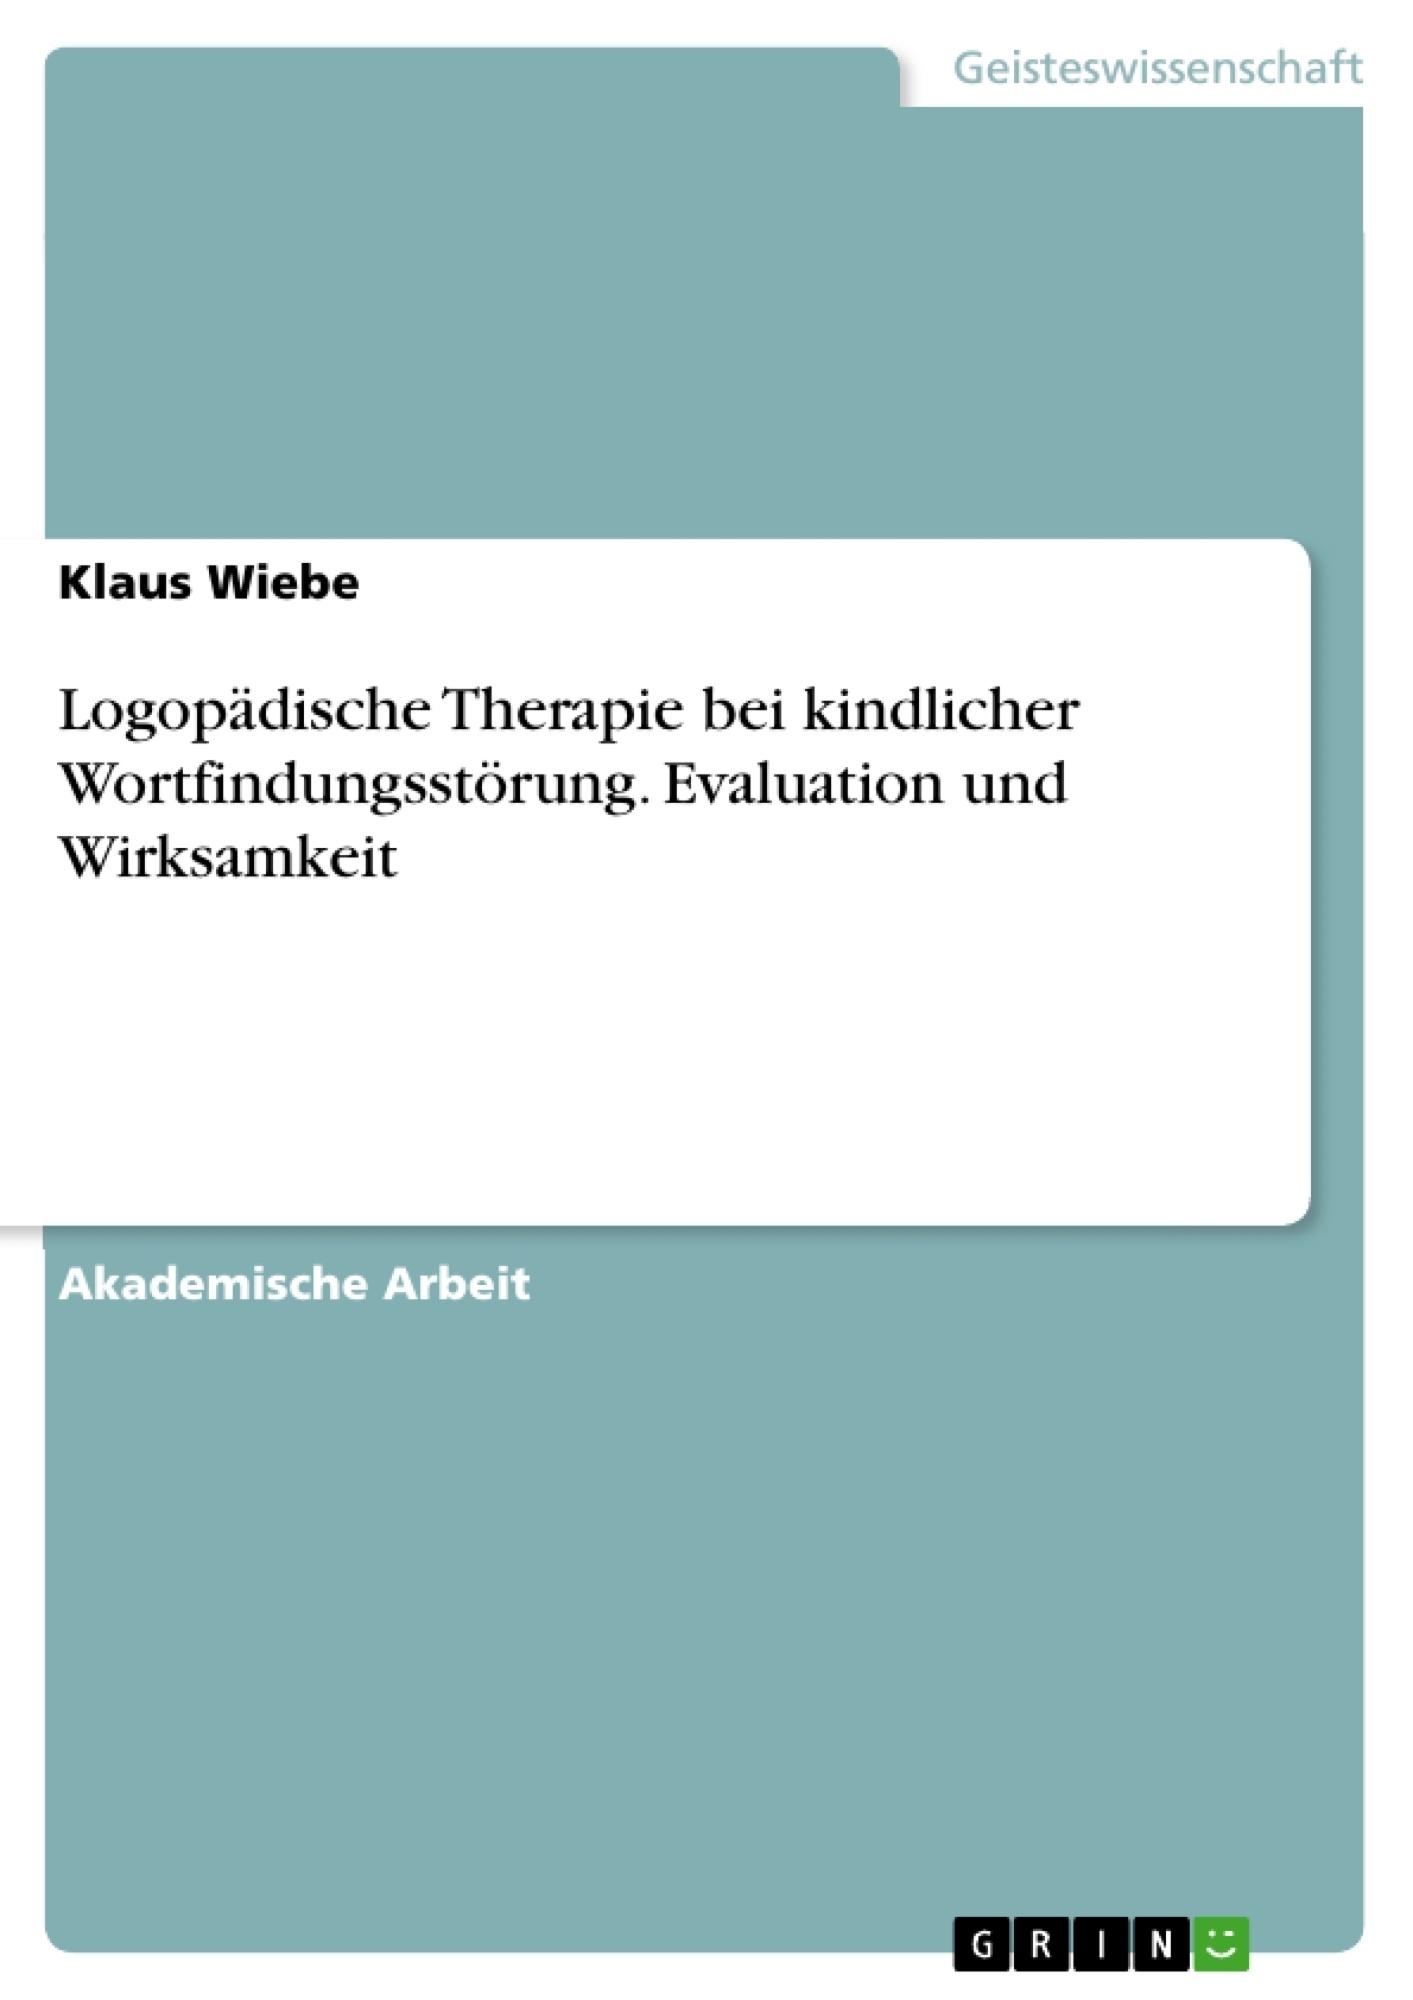 Titel: Logopädische Therapie bei kindlicher Wortfindungsstörung. Evaluation und Wirksamkeit